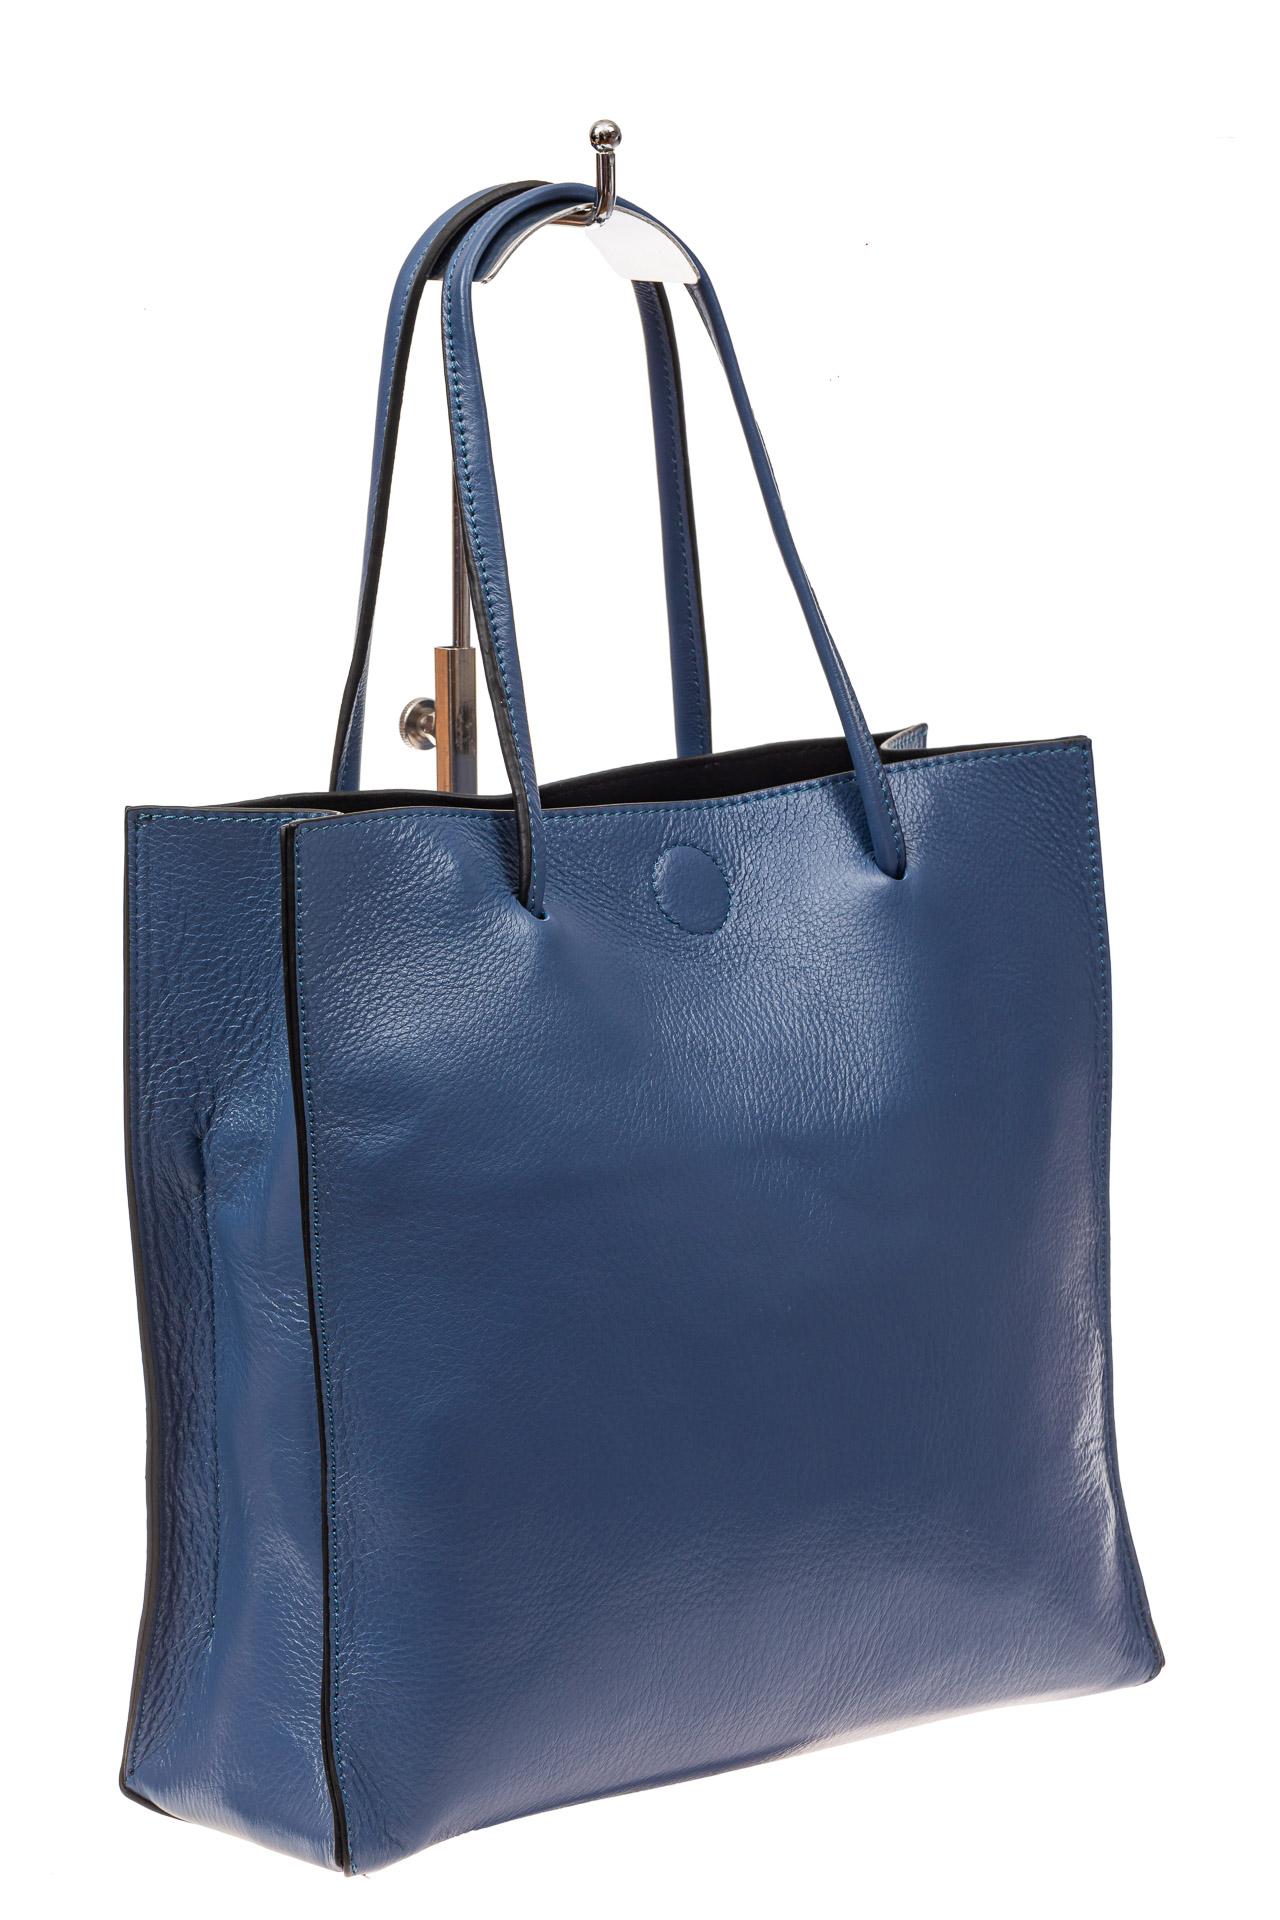 Женская сумка-мешок из натуральной кожи, цвет голубой9029NK1019/18